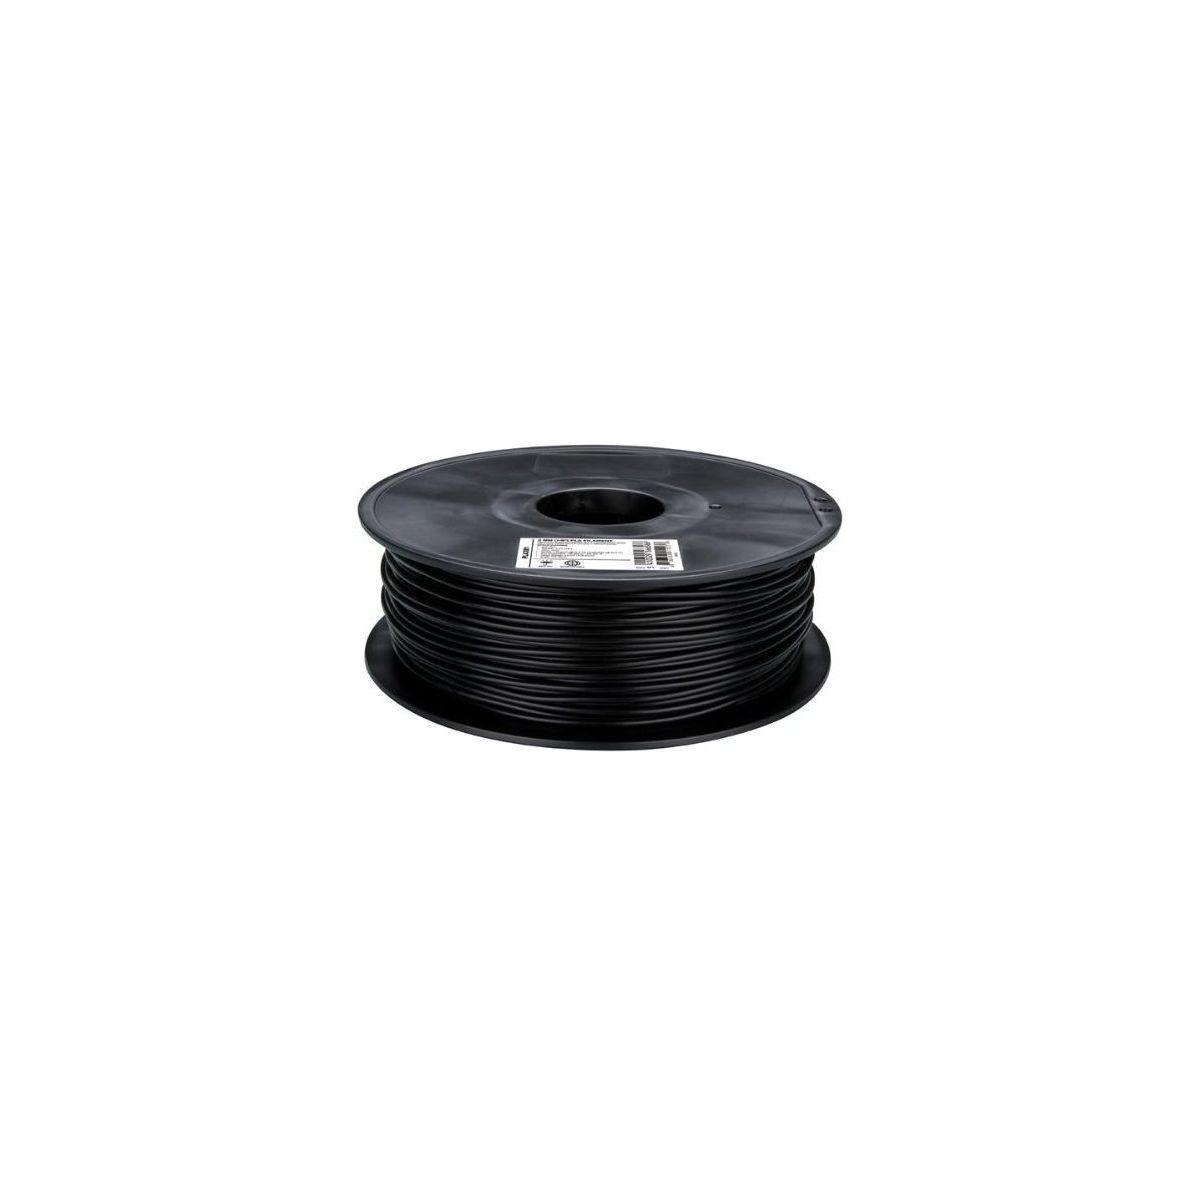 Filament 3d colorfabb pla noir 1.75mm - 2% de remise imm?diate...